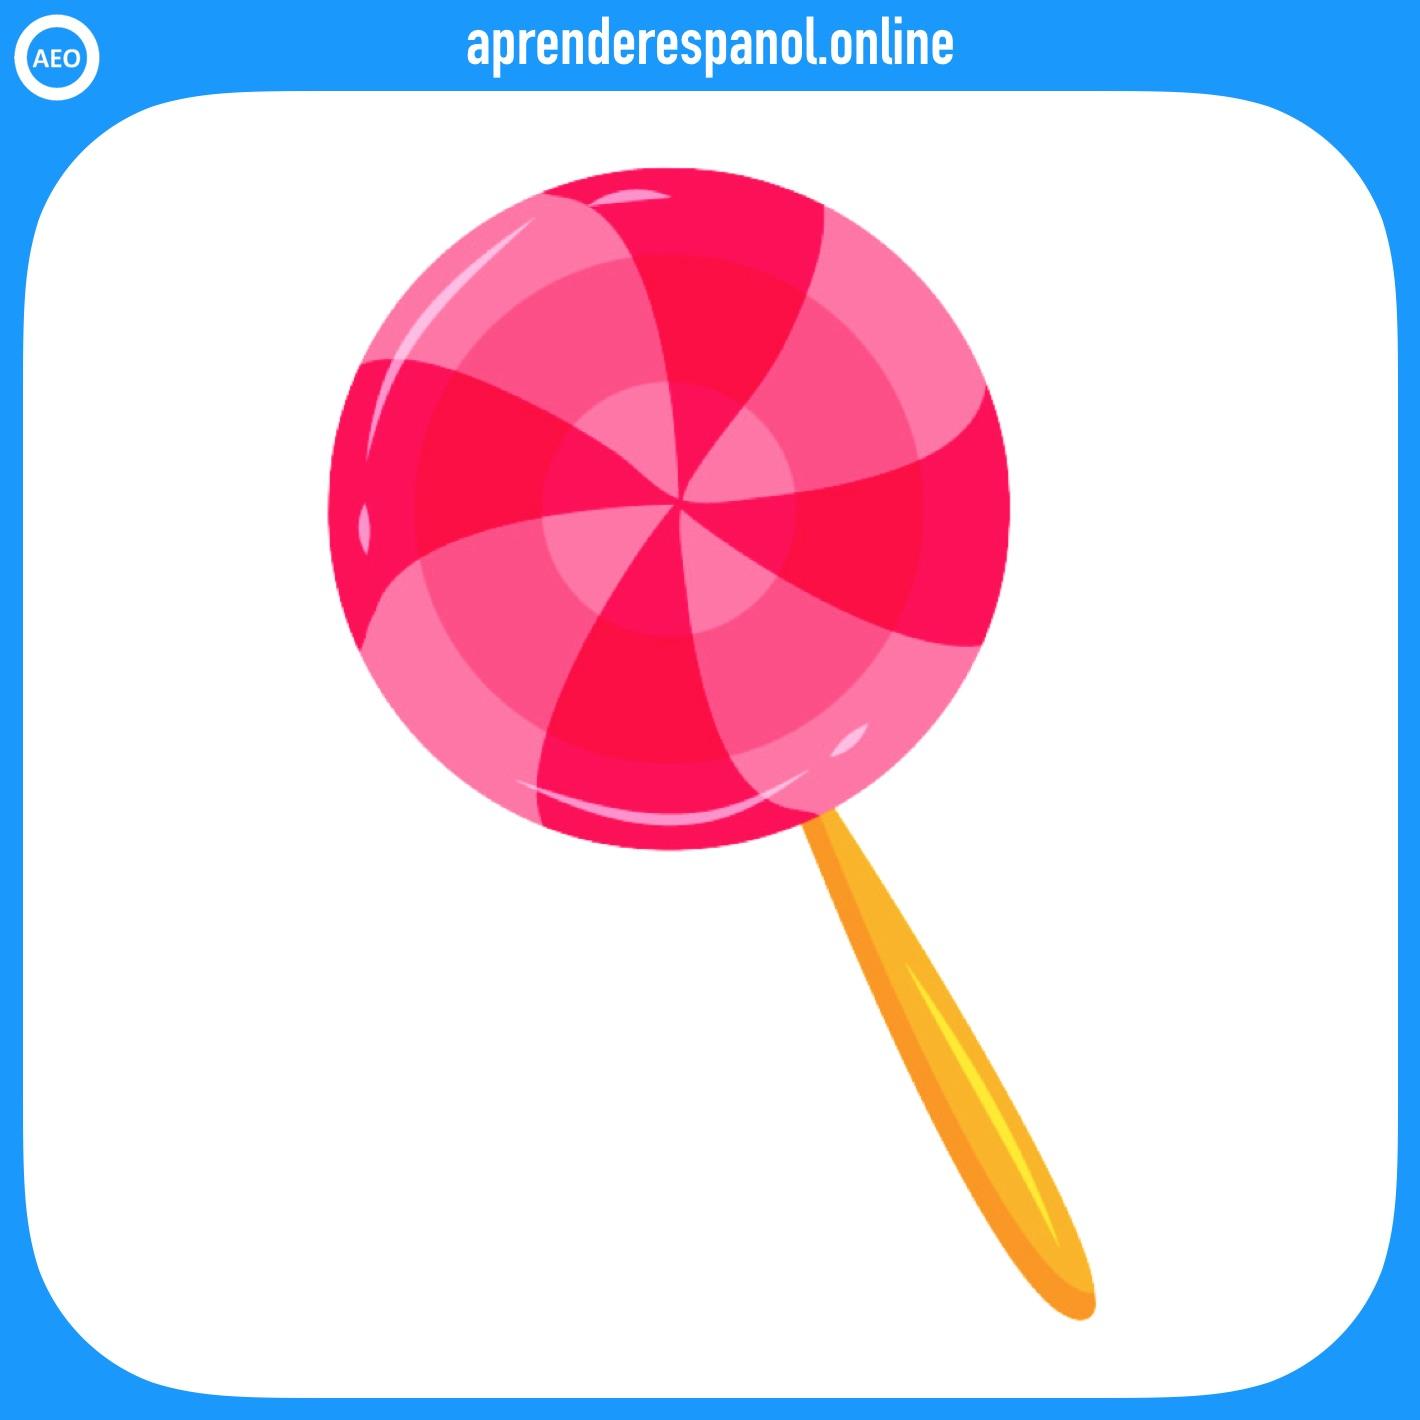 paleta   postres y dulces en español   vocabulario de los postres en español